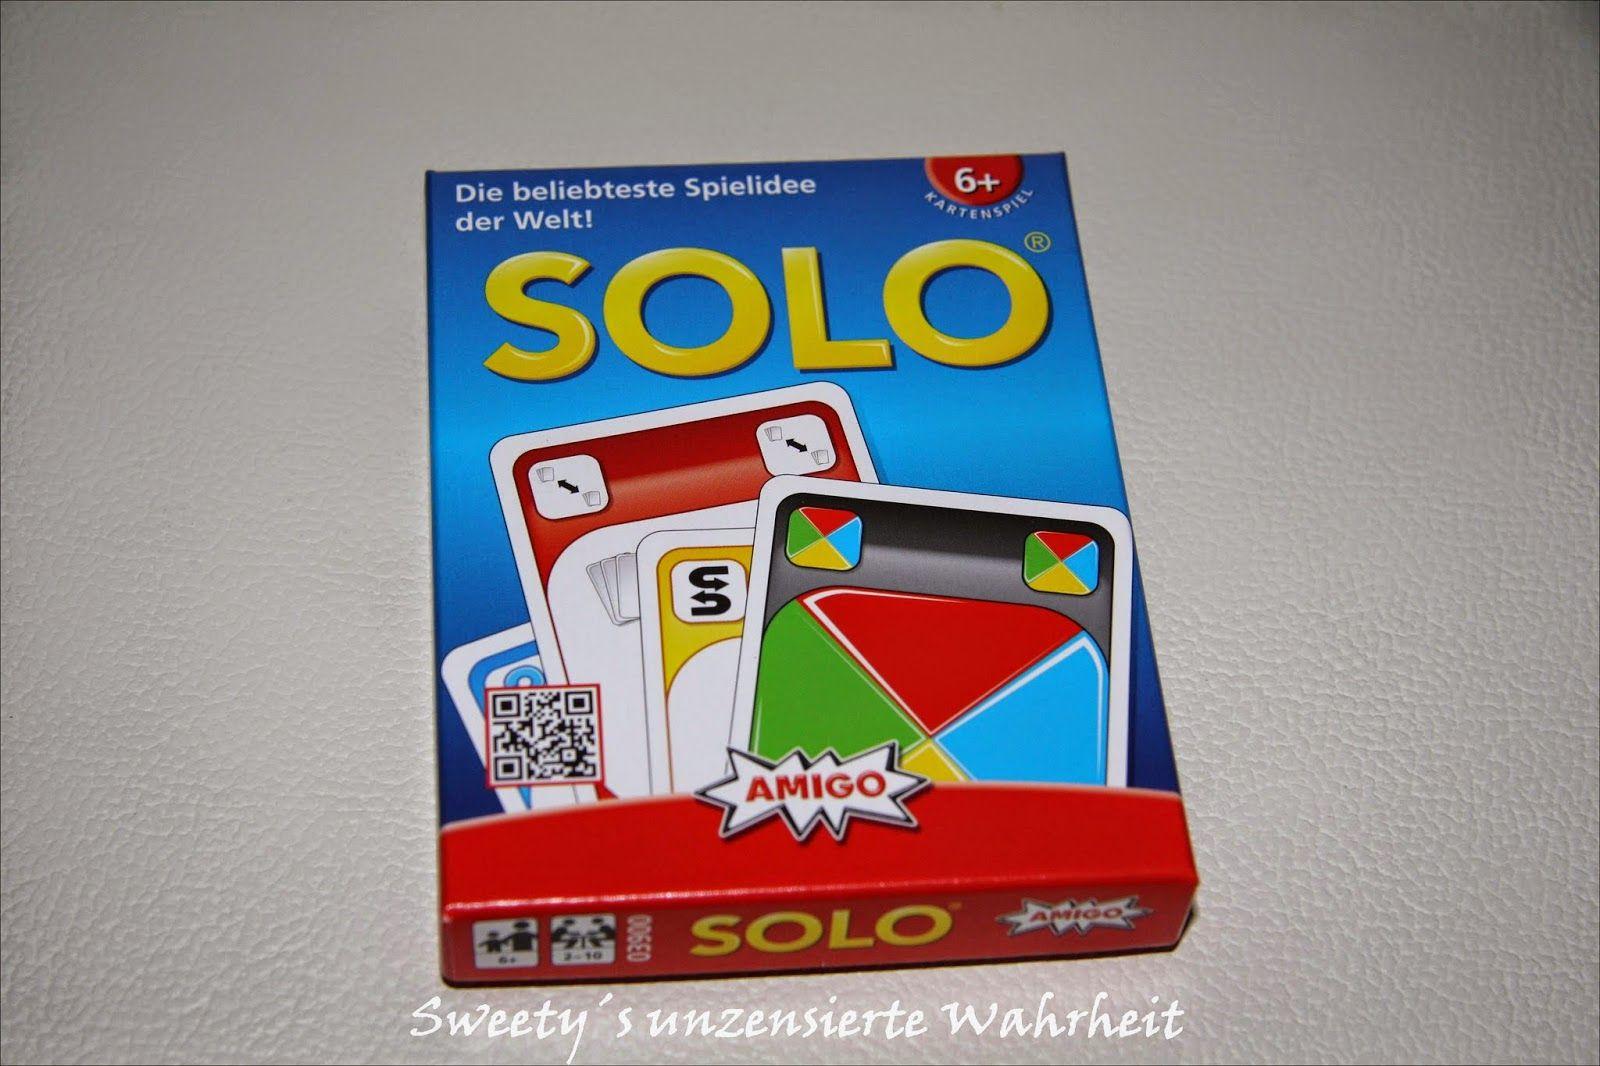 Sweety9696 testet und berichetet - die unzensierte Wahrheit...: Für euch getestet: Spielespaß #SOLO von #Amigo